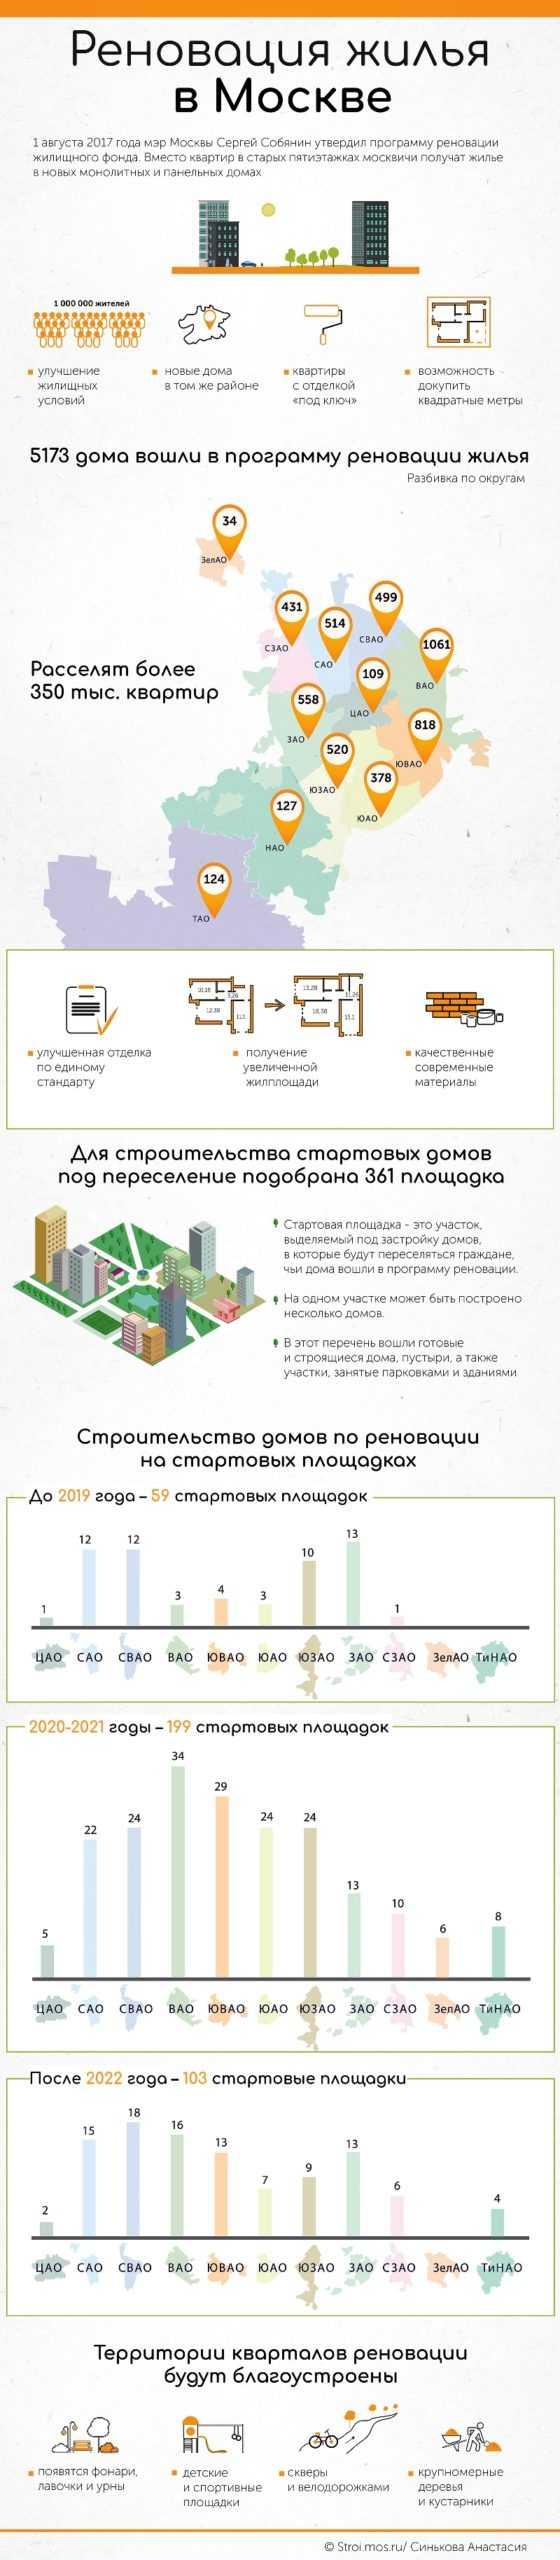 статистика реновации москвы